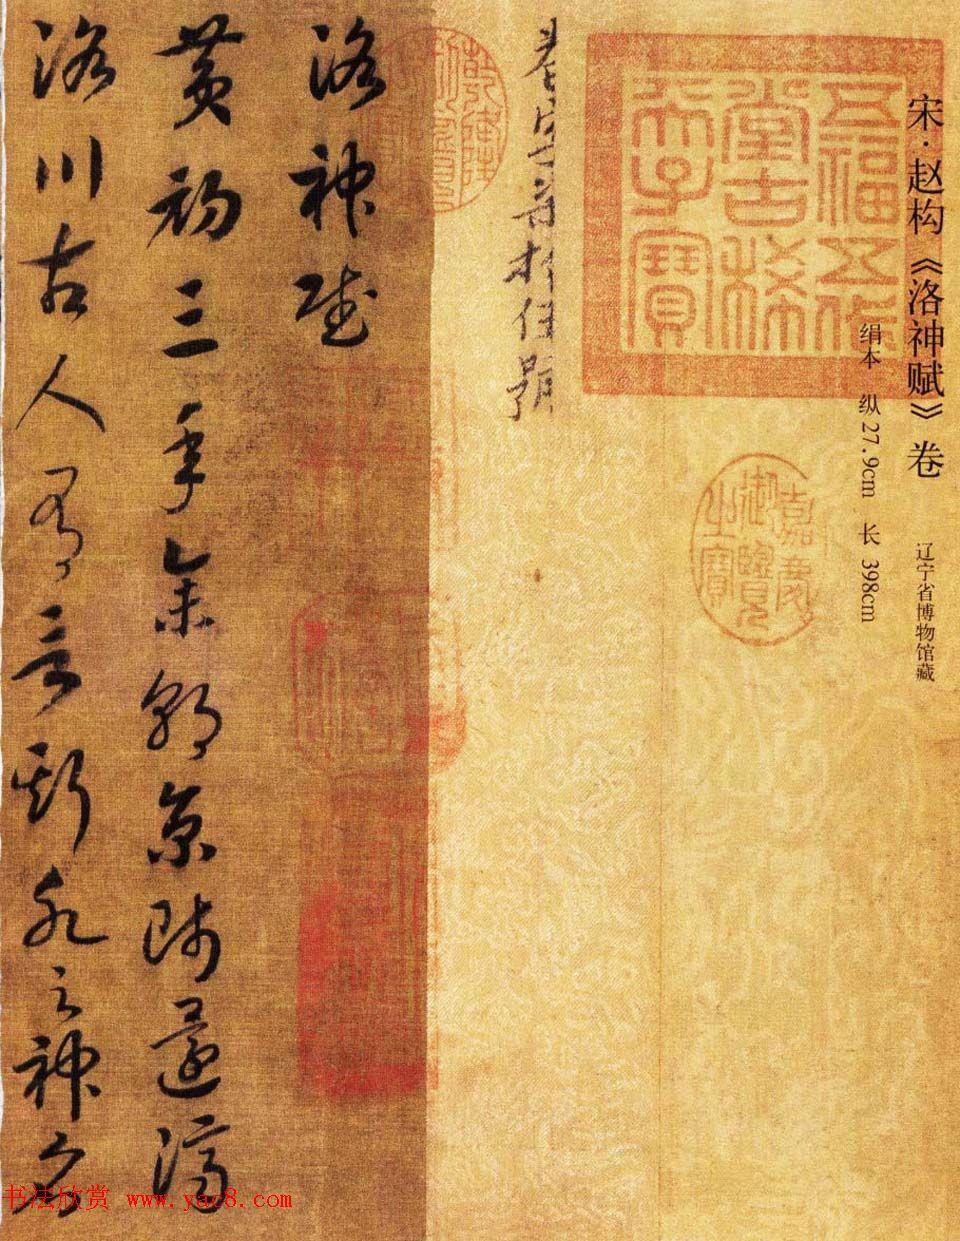 宋代赵构书法长卷《洛神赋》